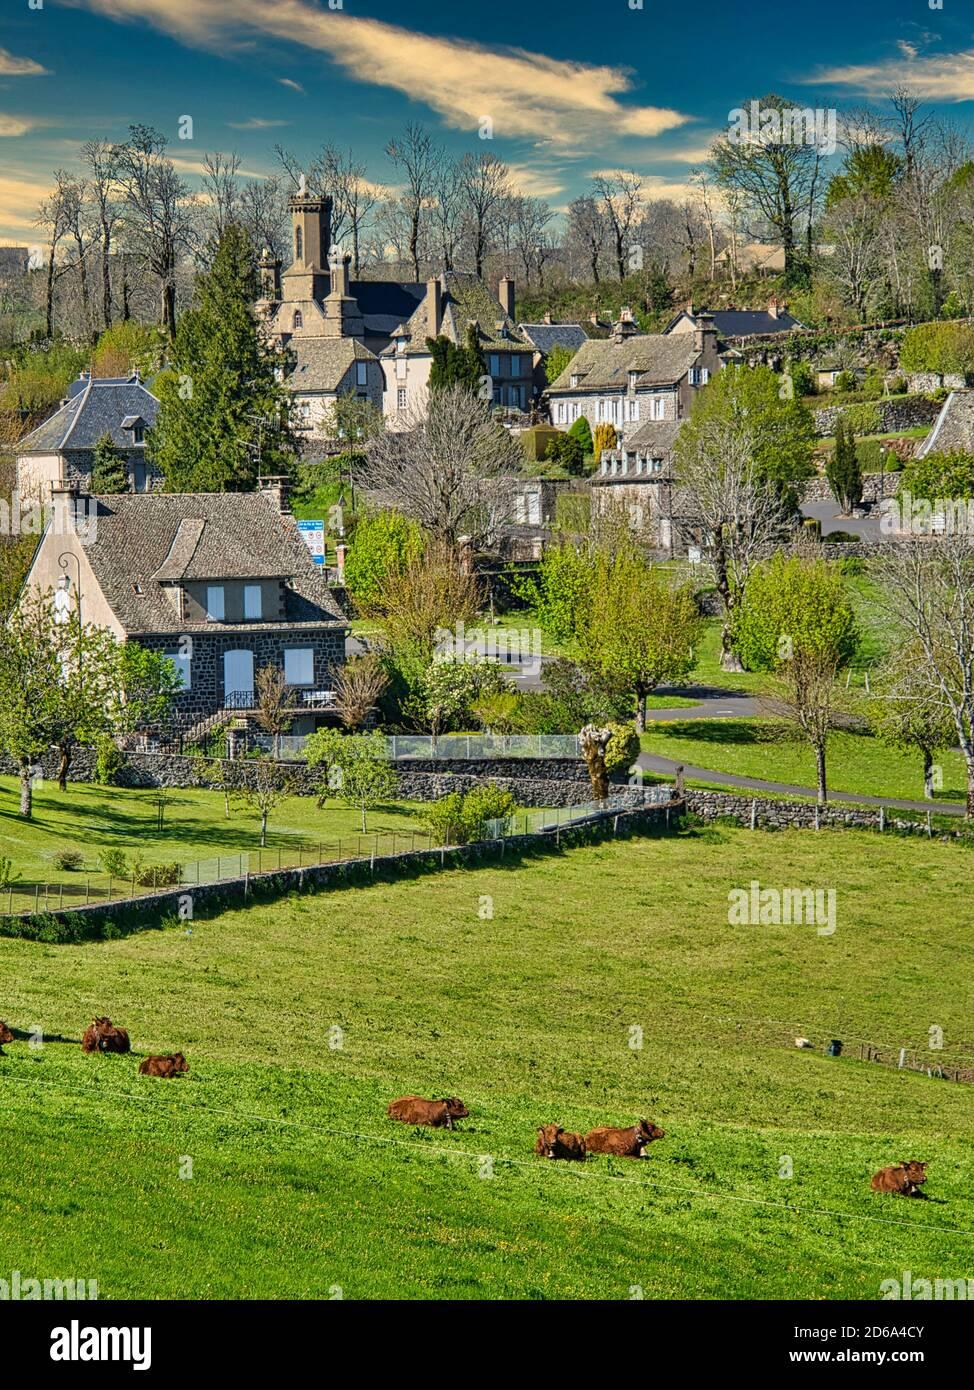 Las afueras de Salers con la iglesia de Notre Dame de Lorette y el ganado Salers, Departamento de Cantal, región de Auvernia, Francia. Foto de stock